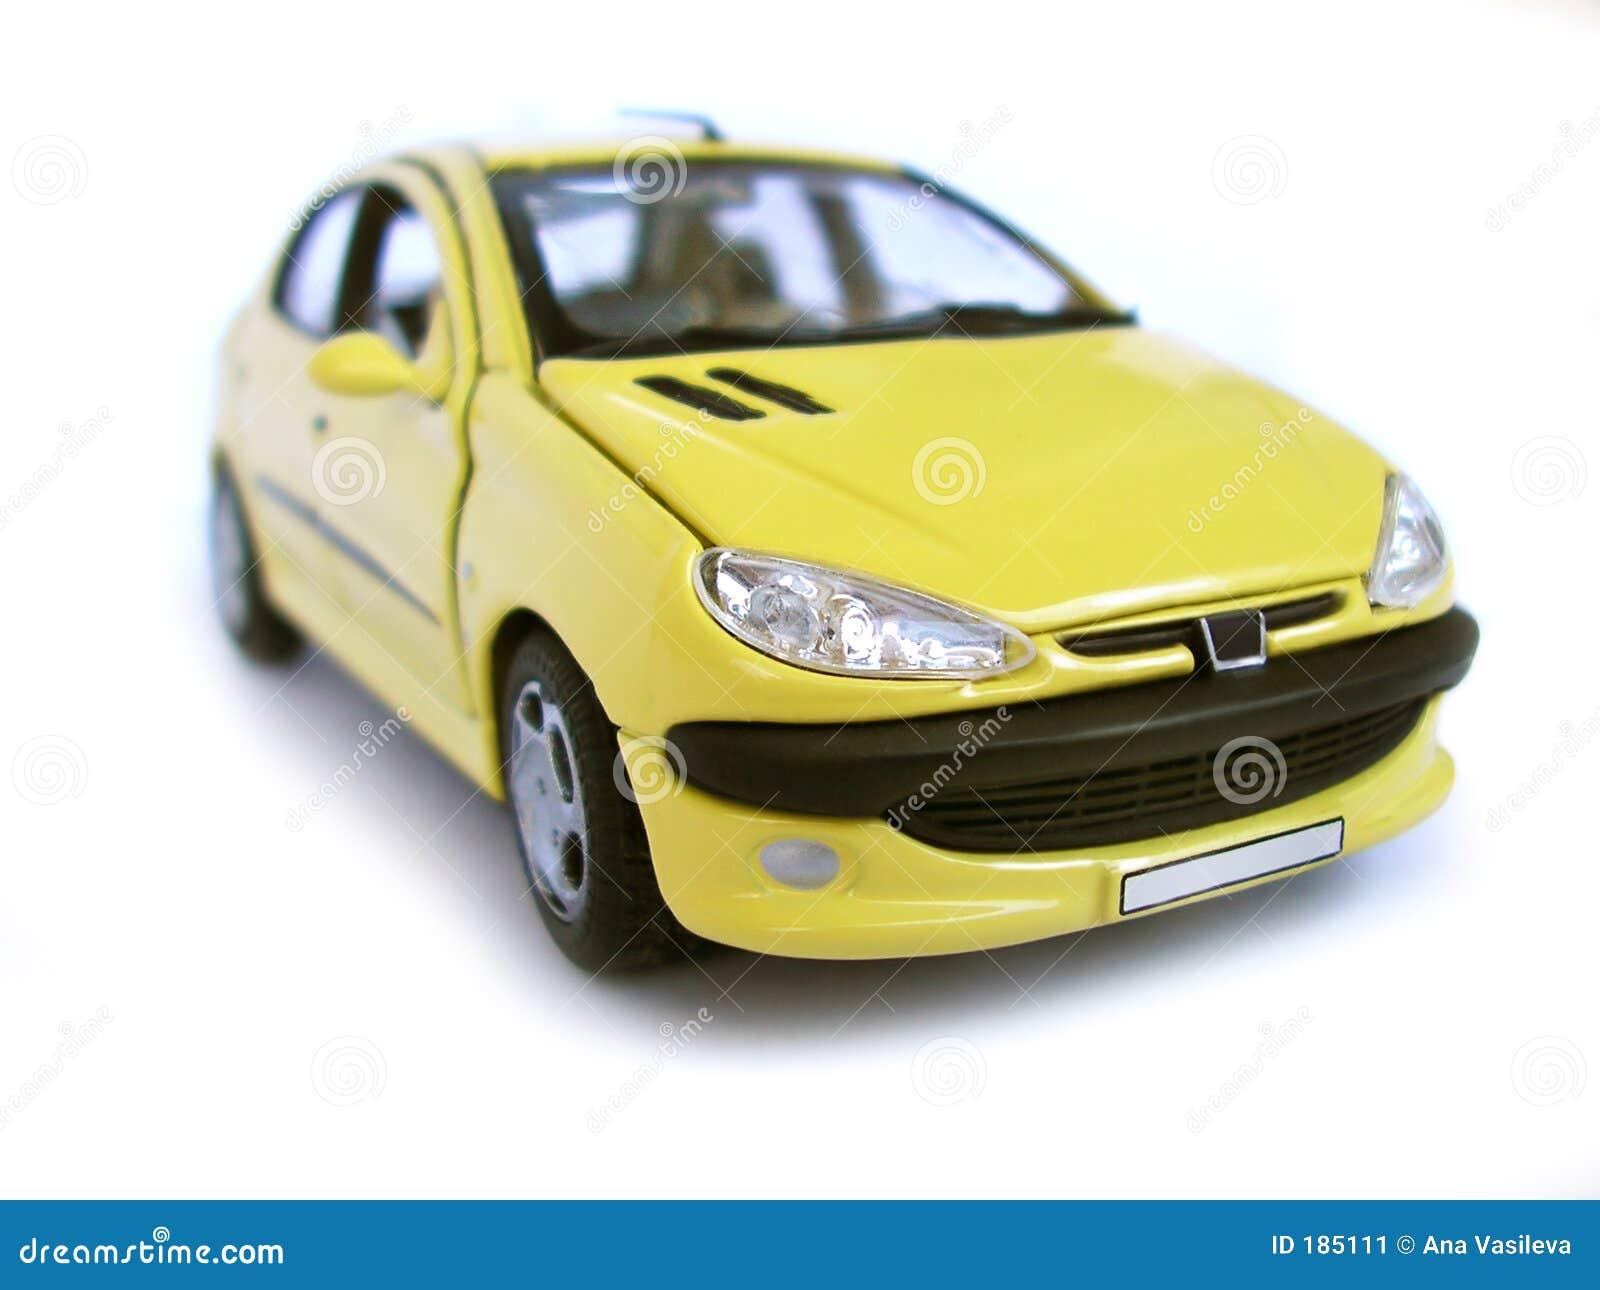 Véhicule modèle jaune - berline avec hayon arrière. Passe-temps, ramassage.